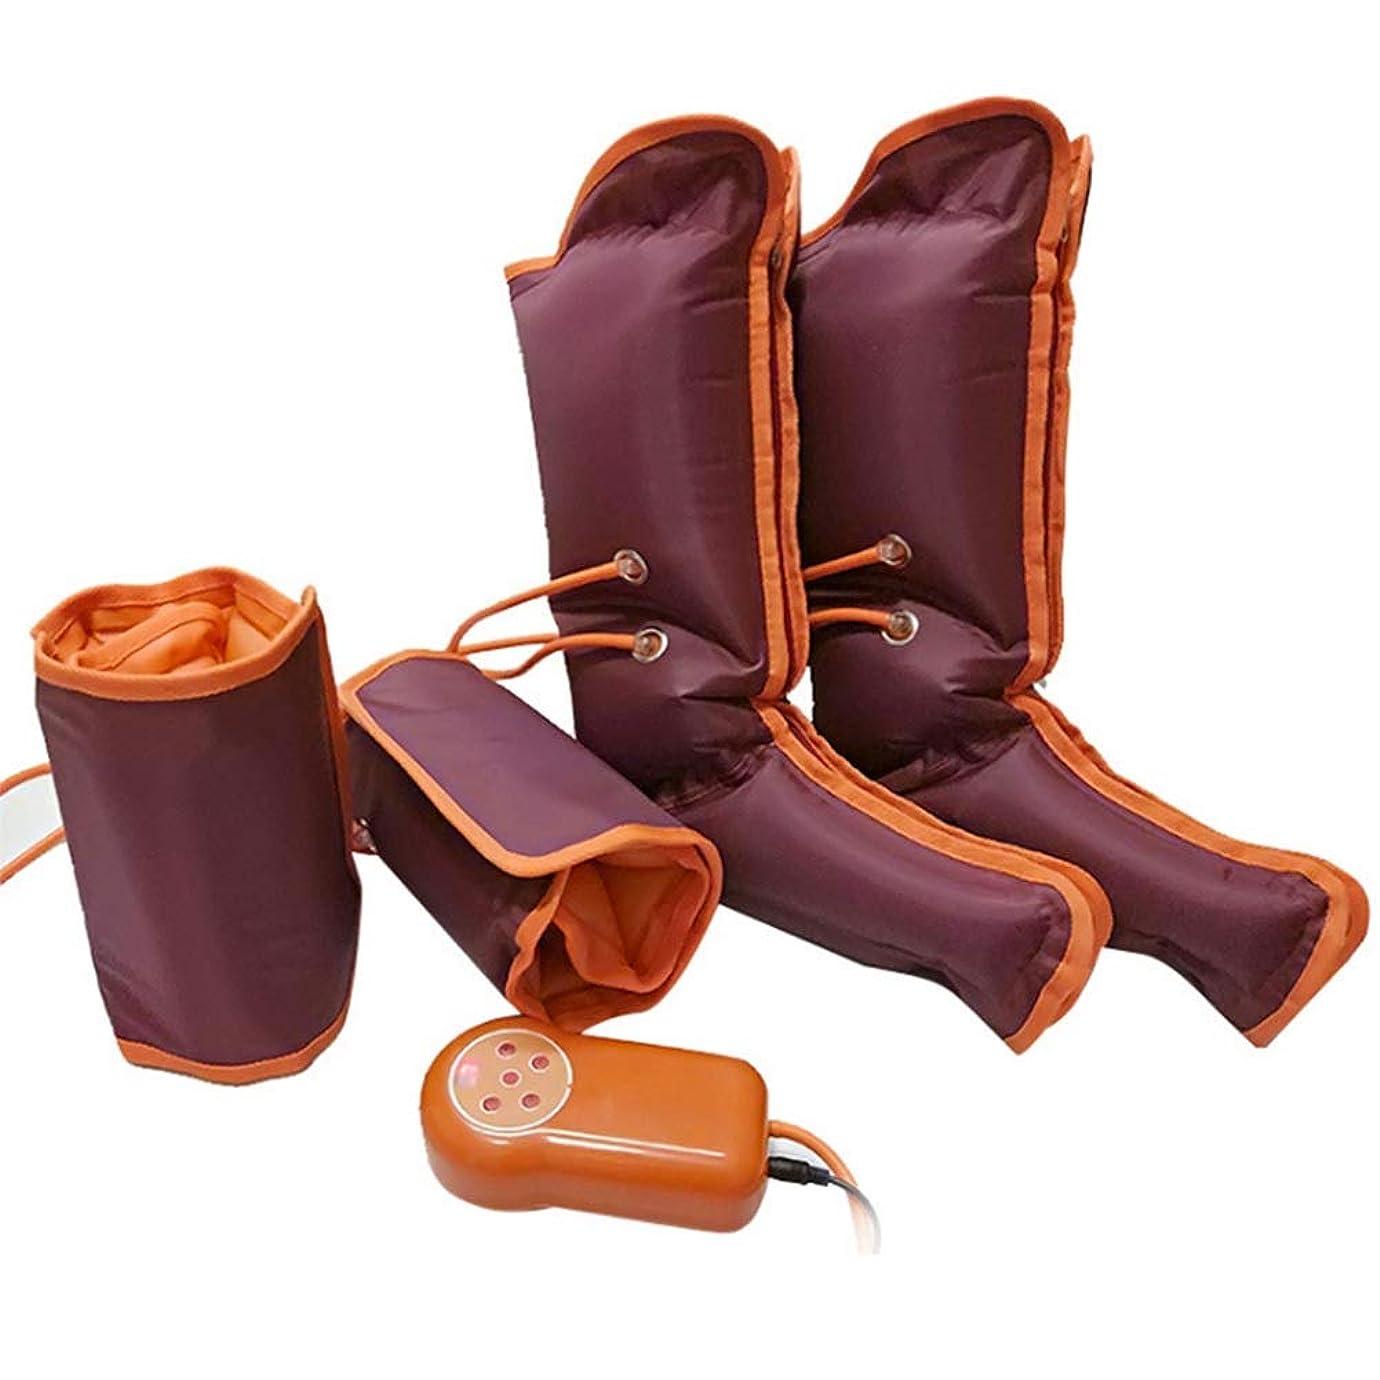 迷信障害者強化する空気圧縮の足のマッサージャー、足の救助のための電気マッサージの器具